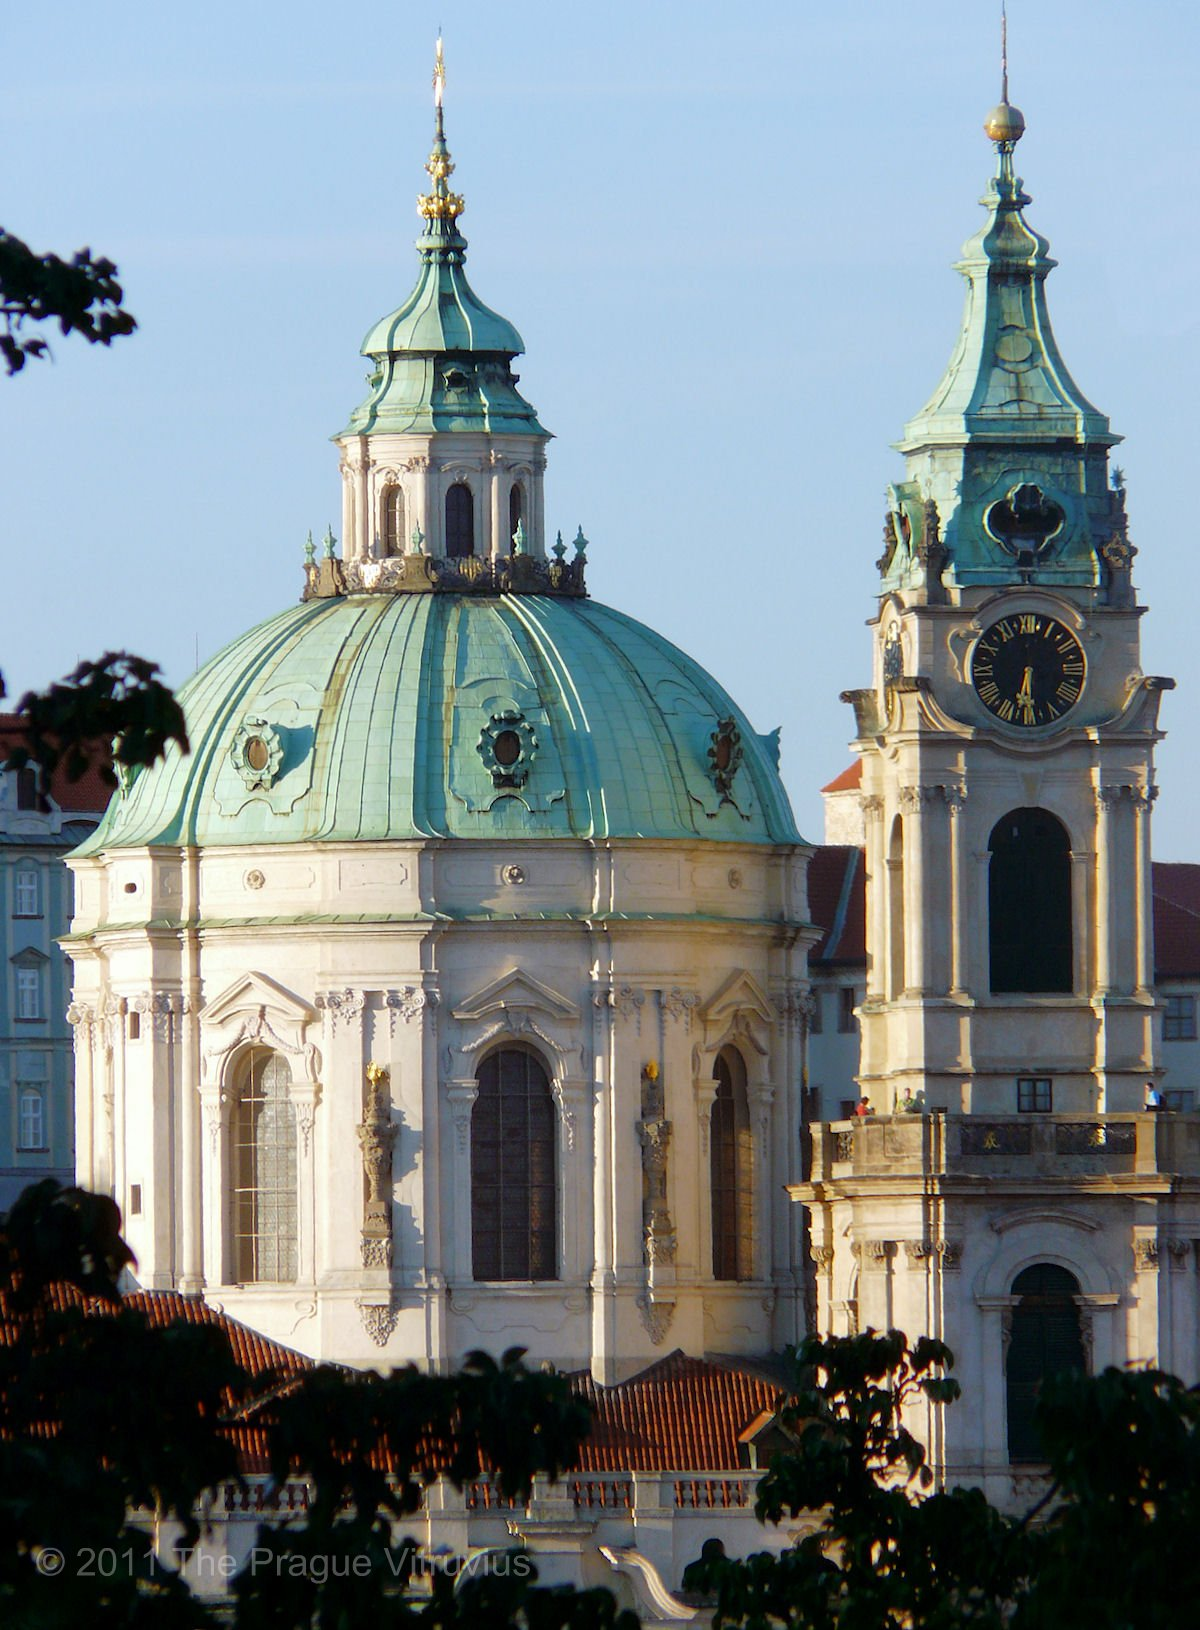 Saint Nicholas in Mala Strana, Prague